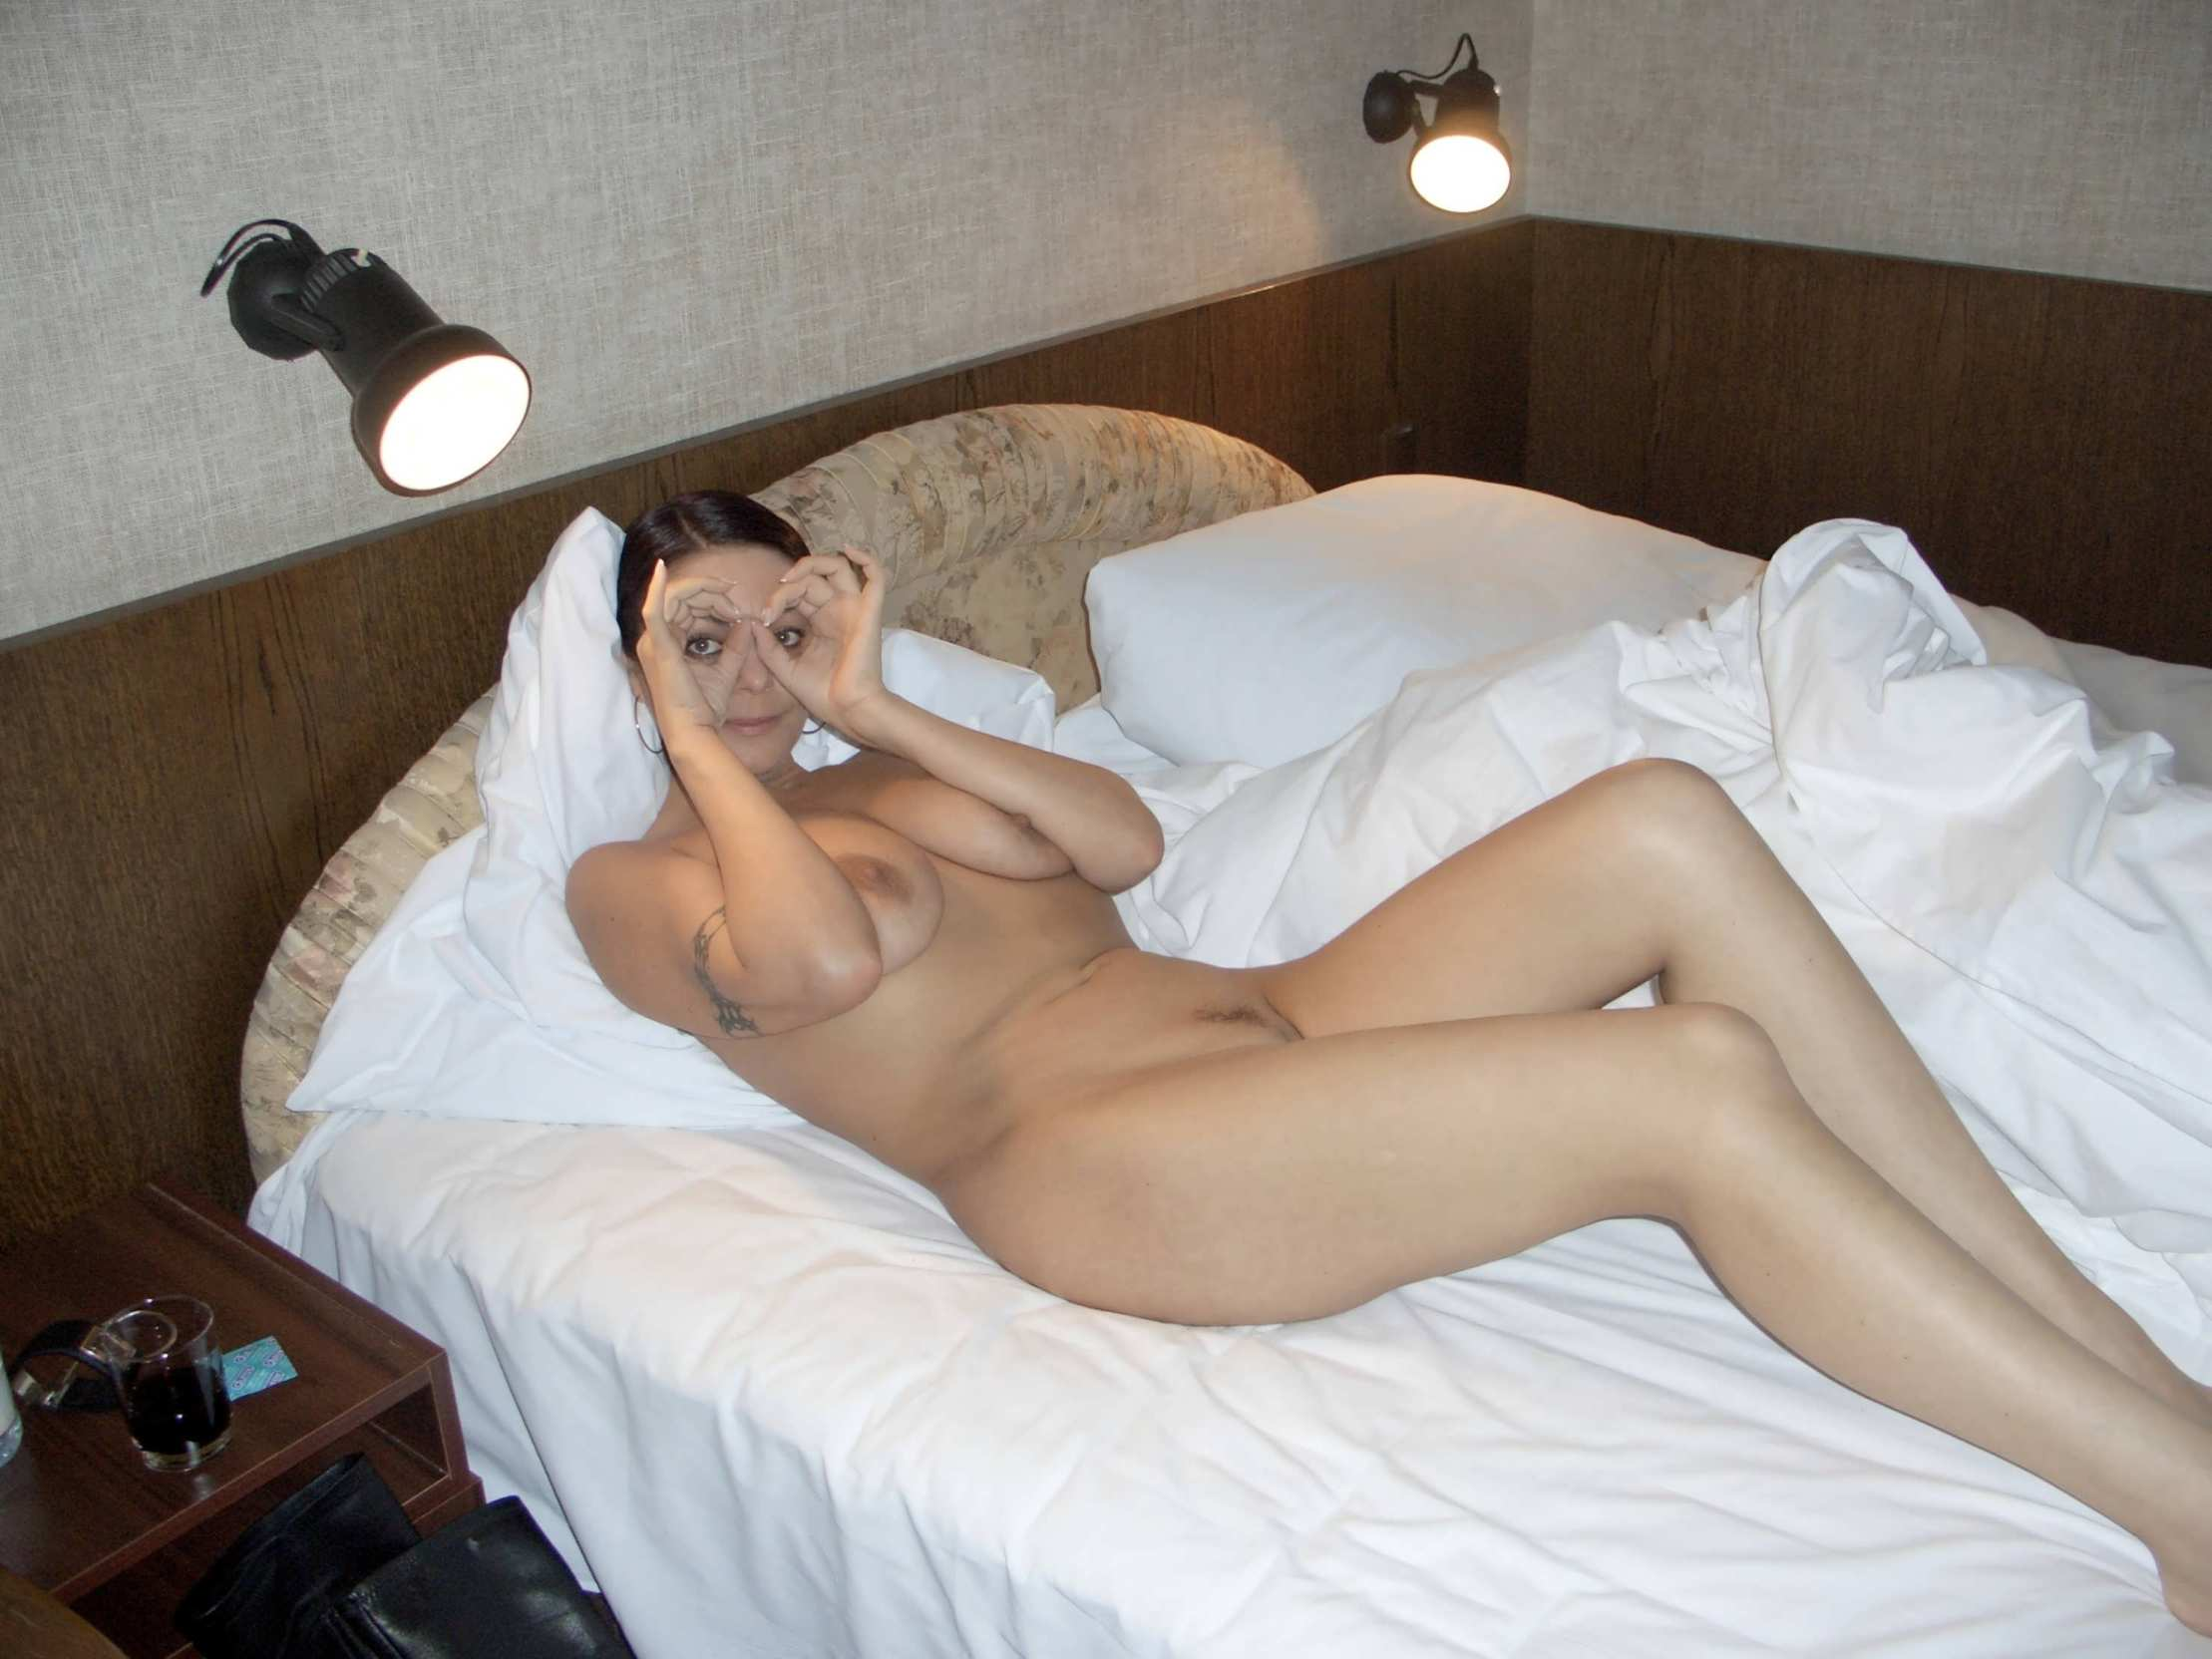 Реално анкет праститутки в москова 10 фотография